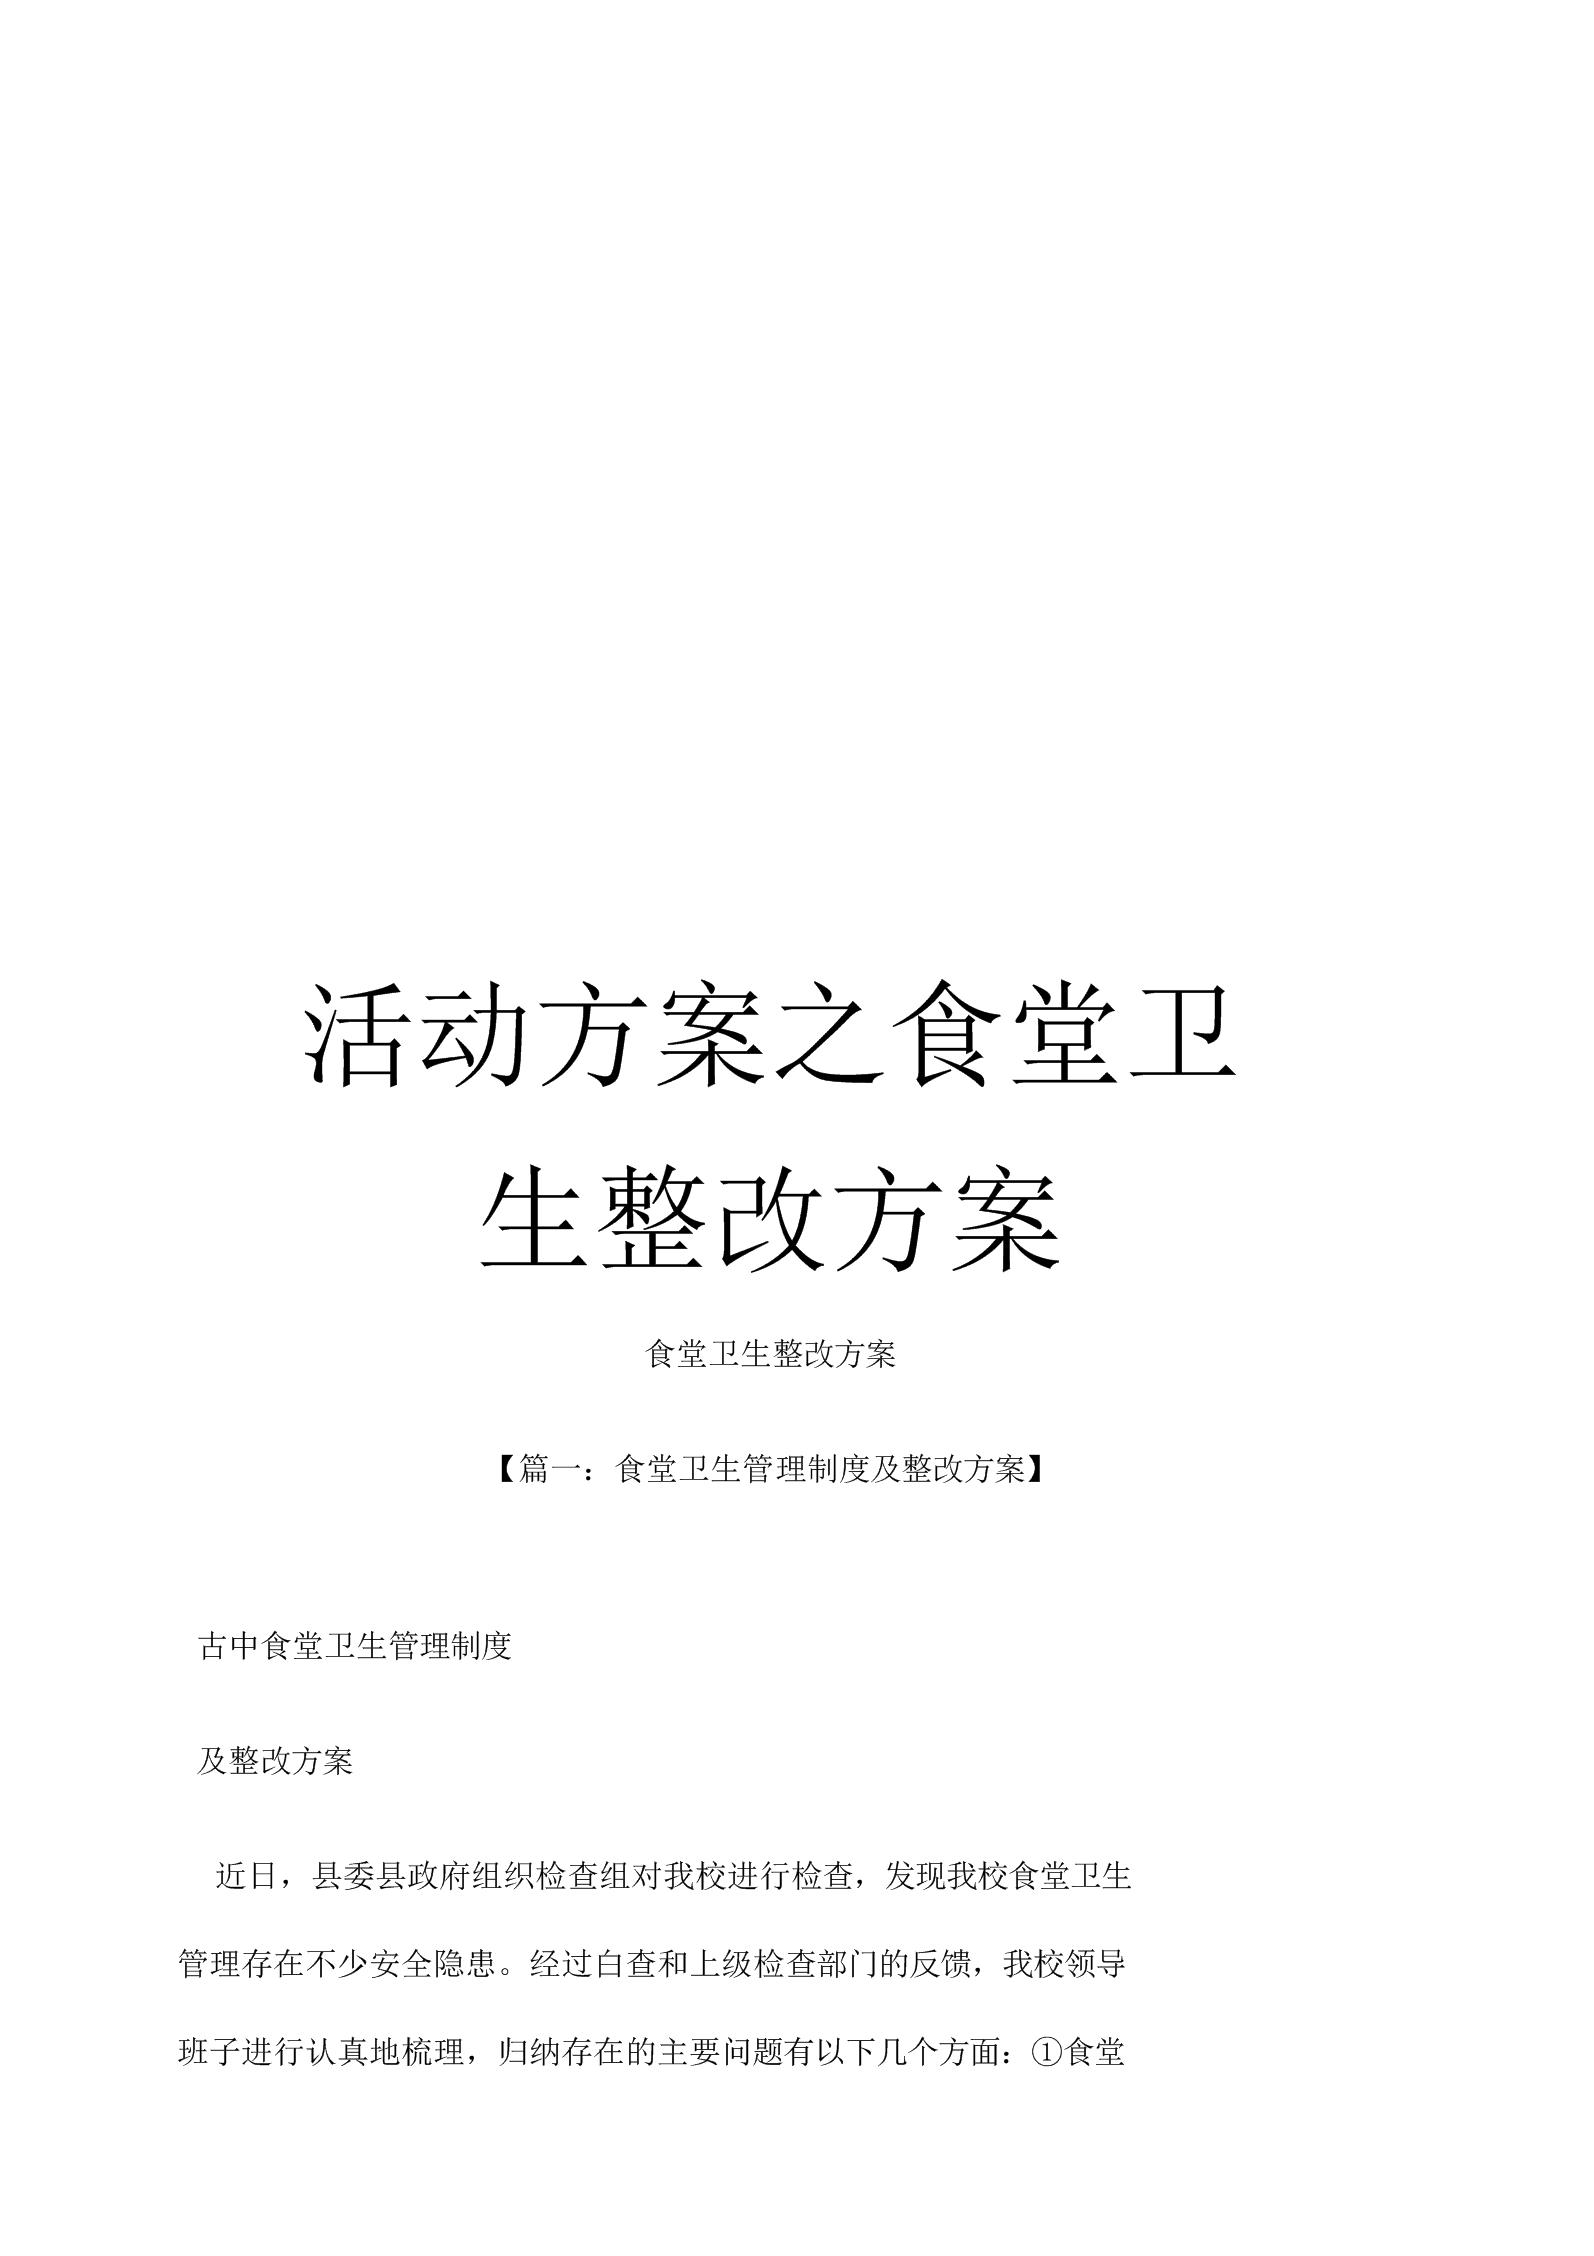 《活动方案之食堂卫生整改方案》.docx